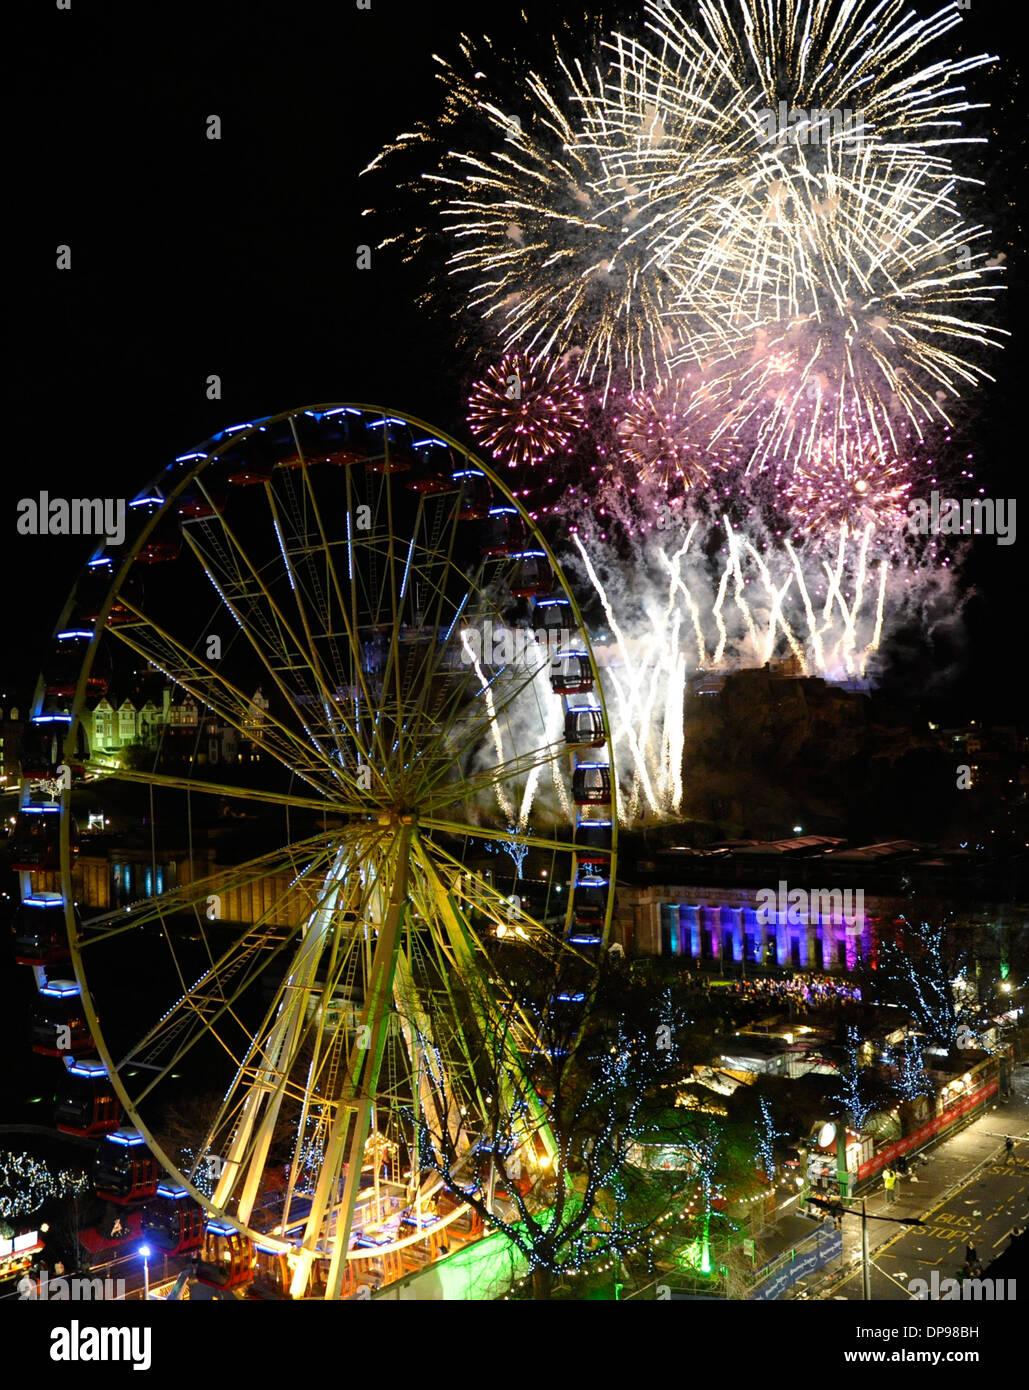 Bis zu 80.000 Personen sind im Rahmen der Hogmanay Feiern 2014 in ...